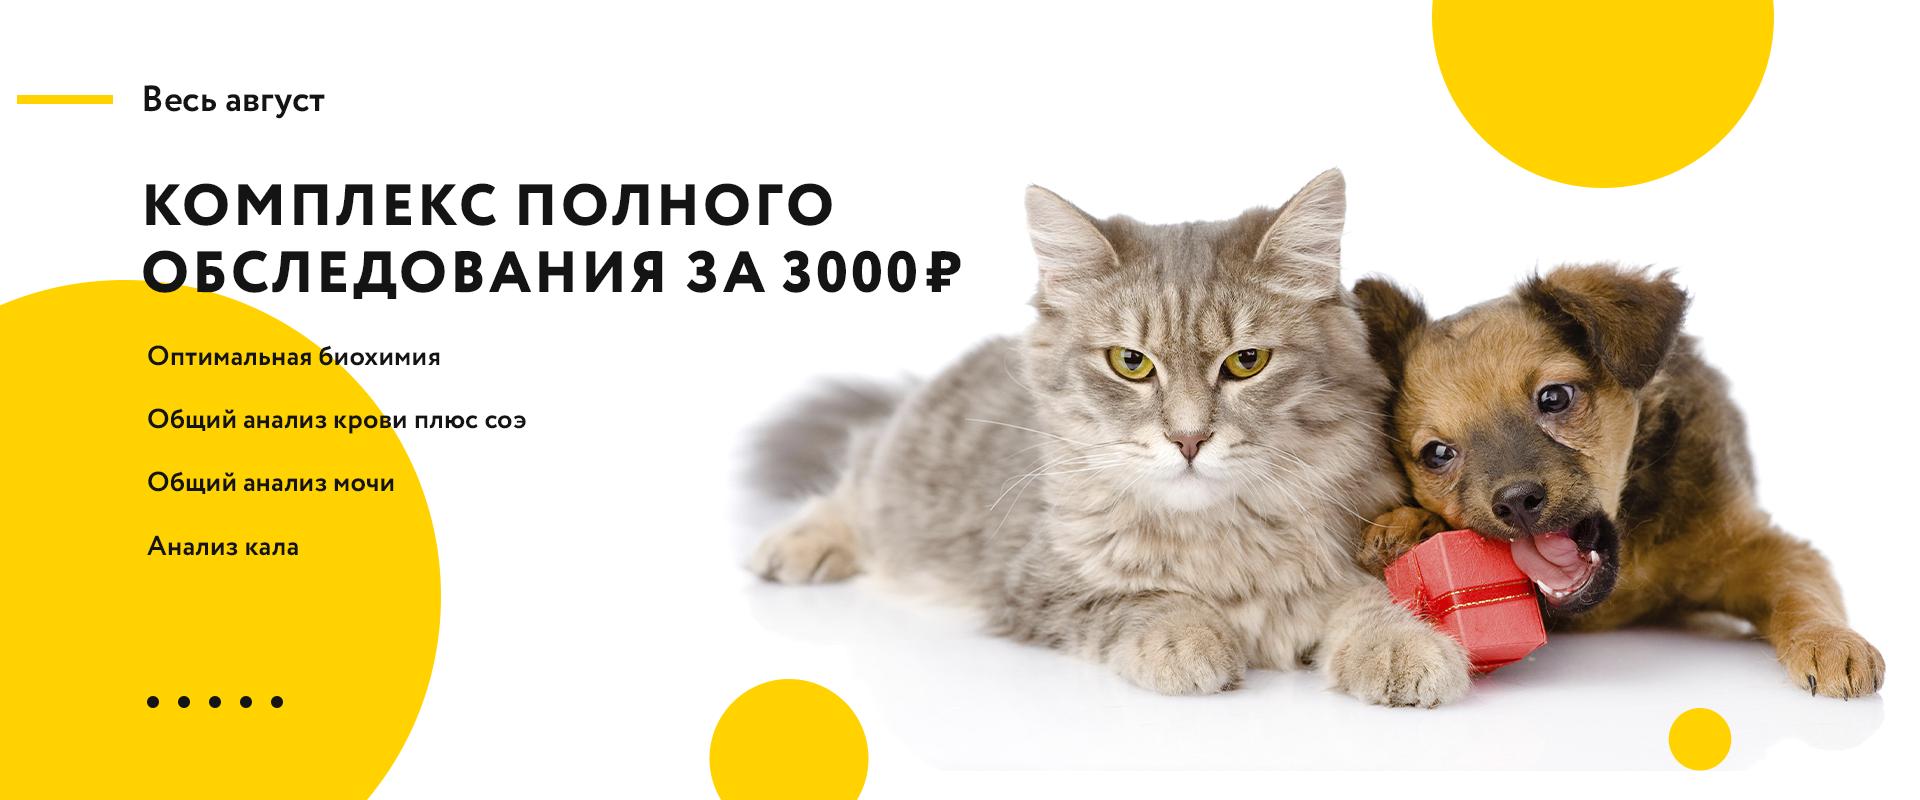 Полное обследование за 3000 рублей!